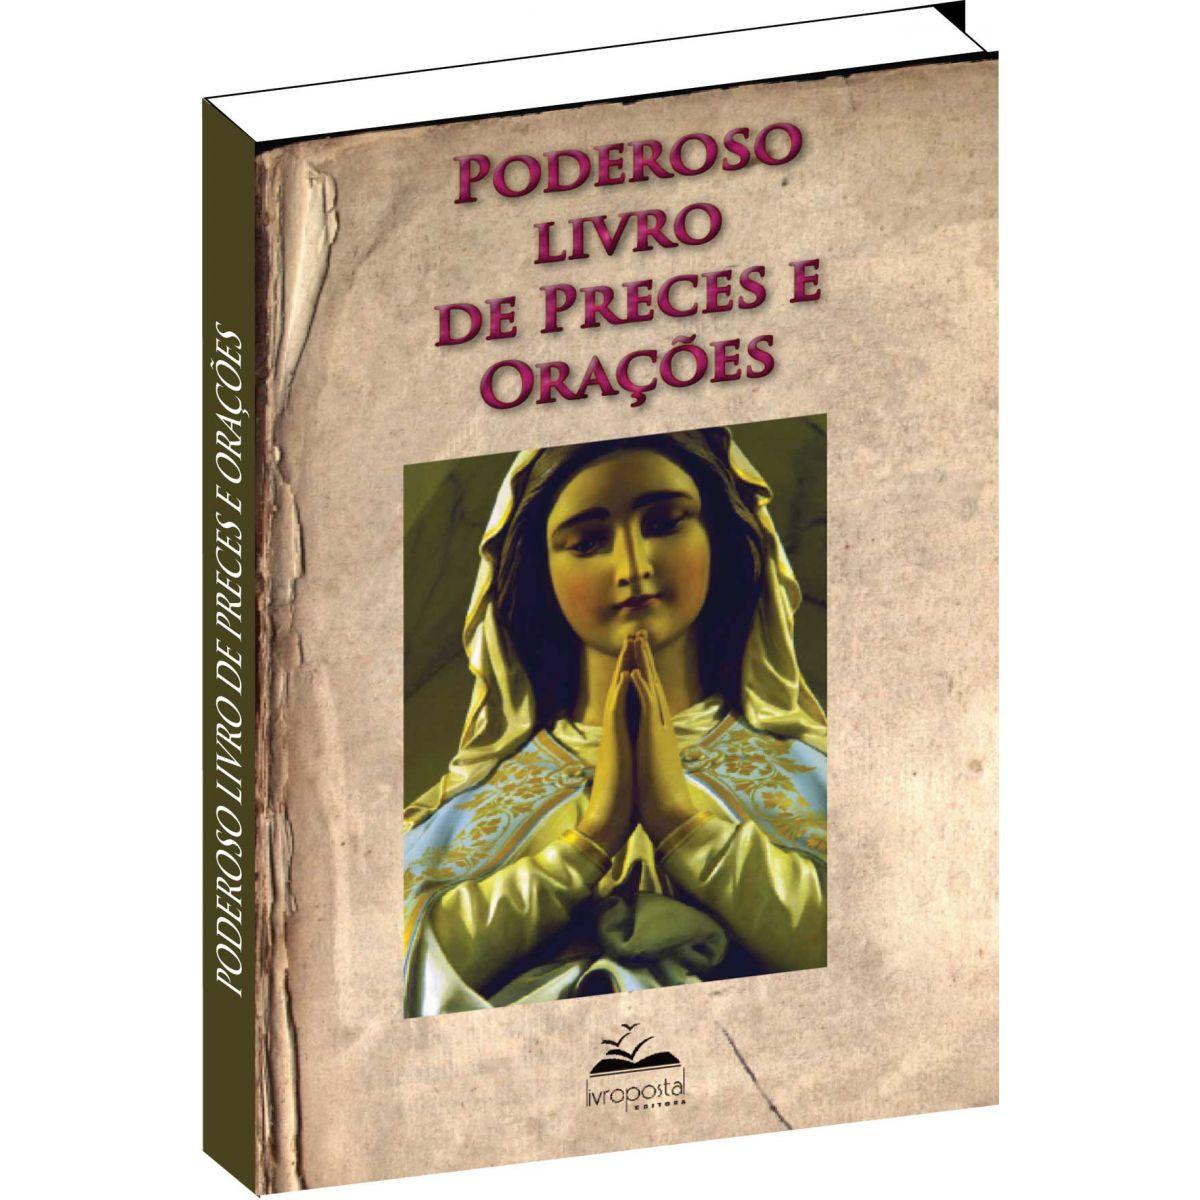 Brinde na compra de 2 livros - Poderoso livro de preces e orações  - Livropostal Editora